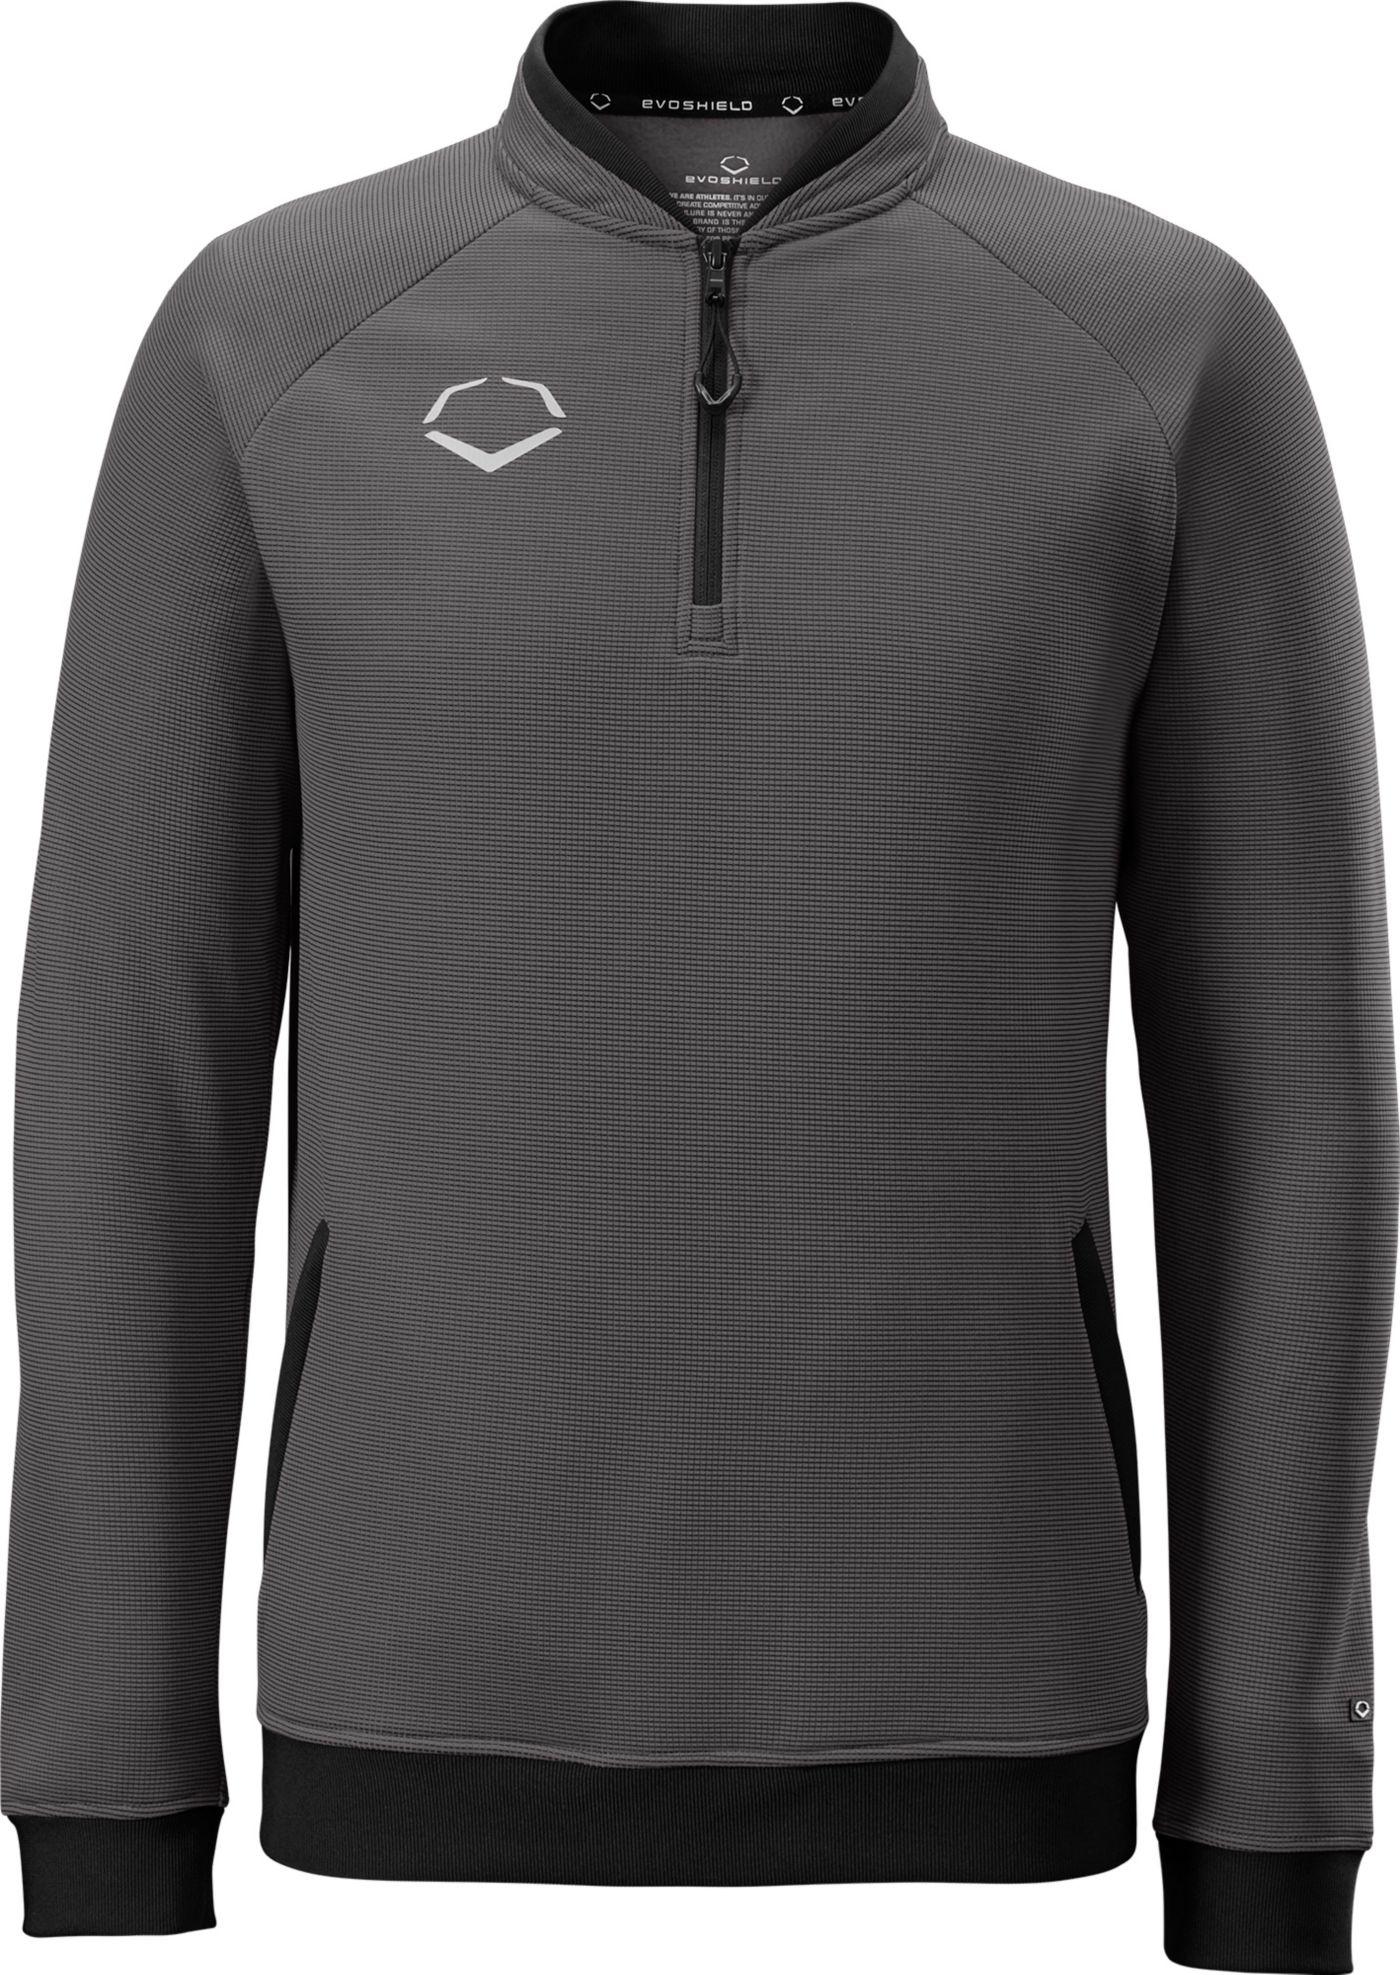 EvoShield Men's Pro Team Heater Fleece 1/4 Zip